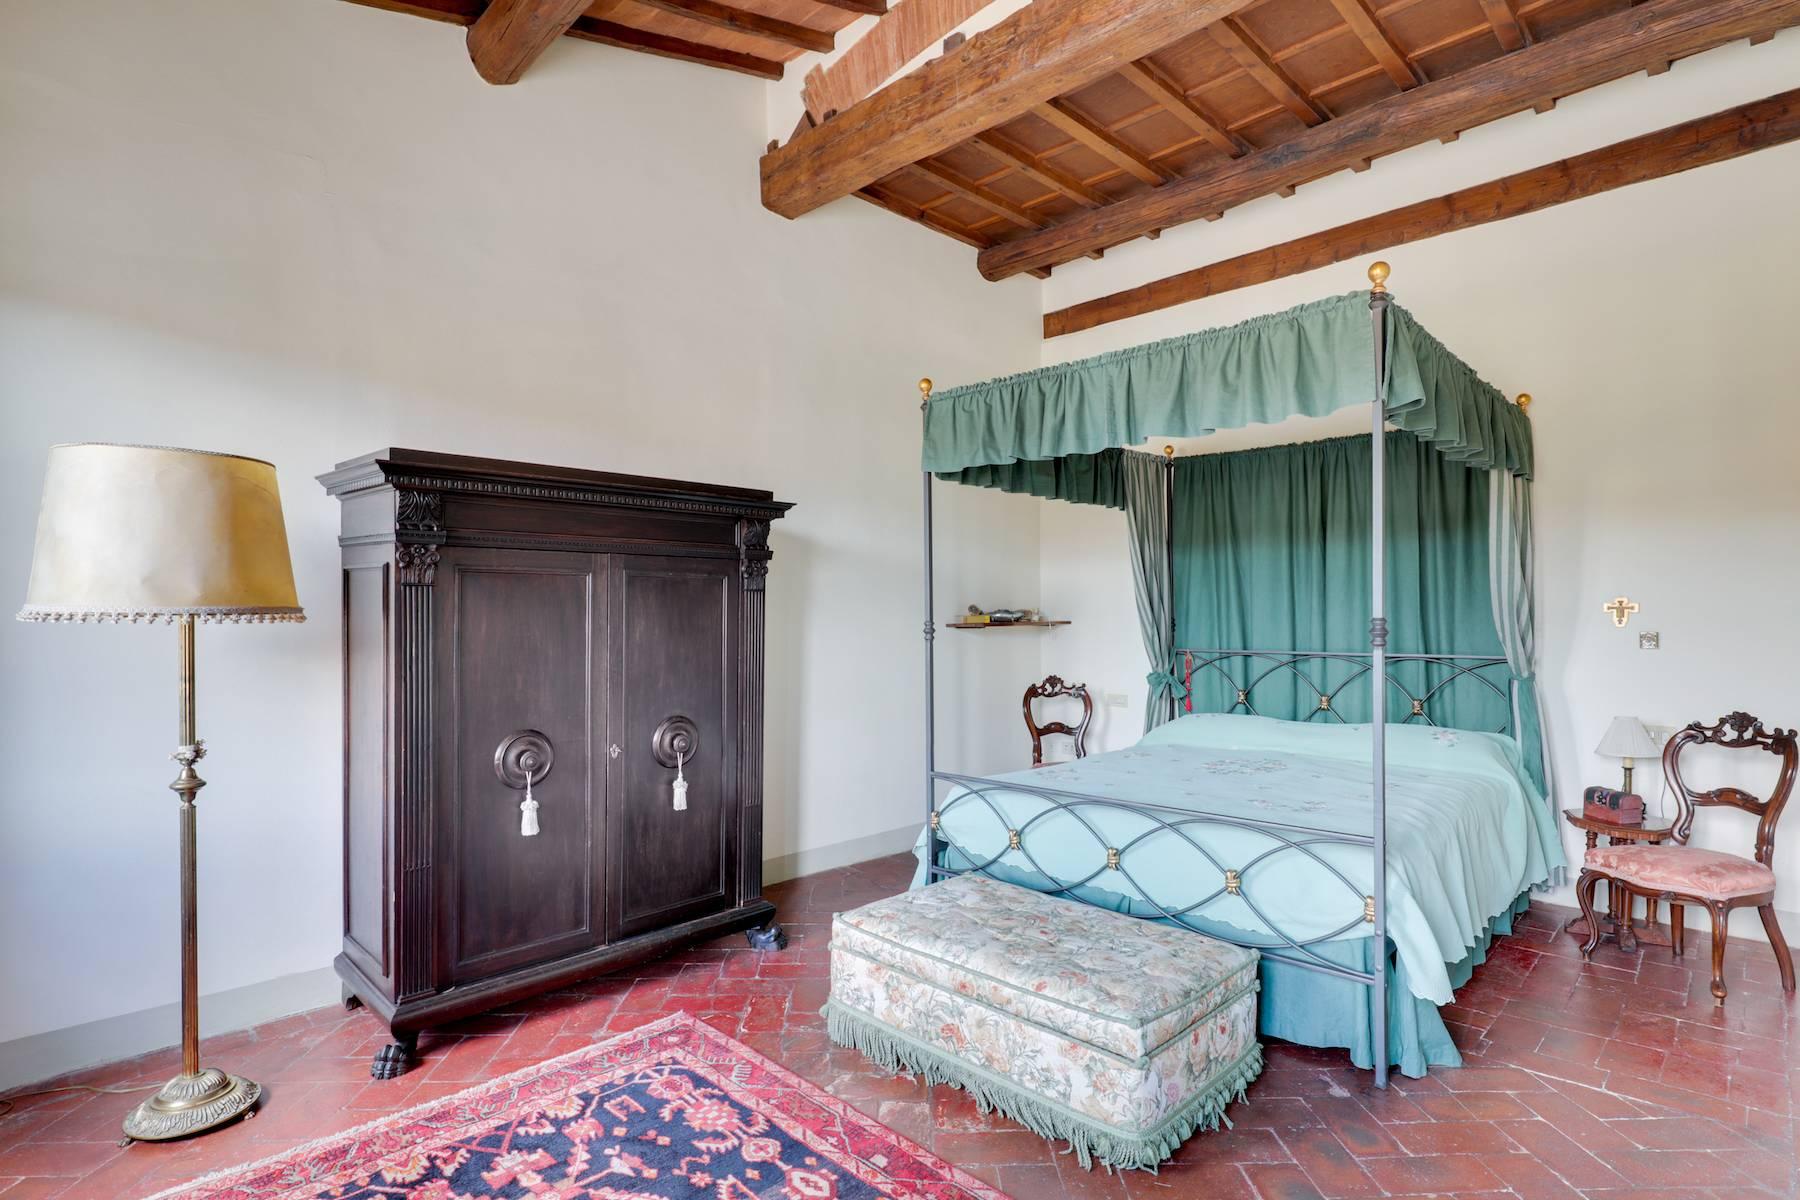 Appartamento in Vendita a Firenze: 4 locali, 90 mq - Foto 9